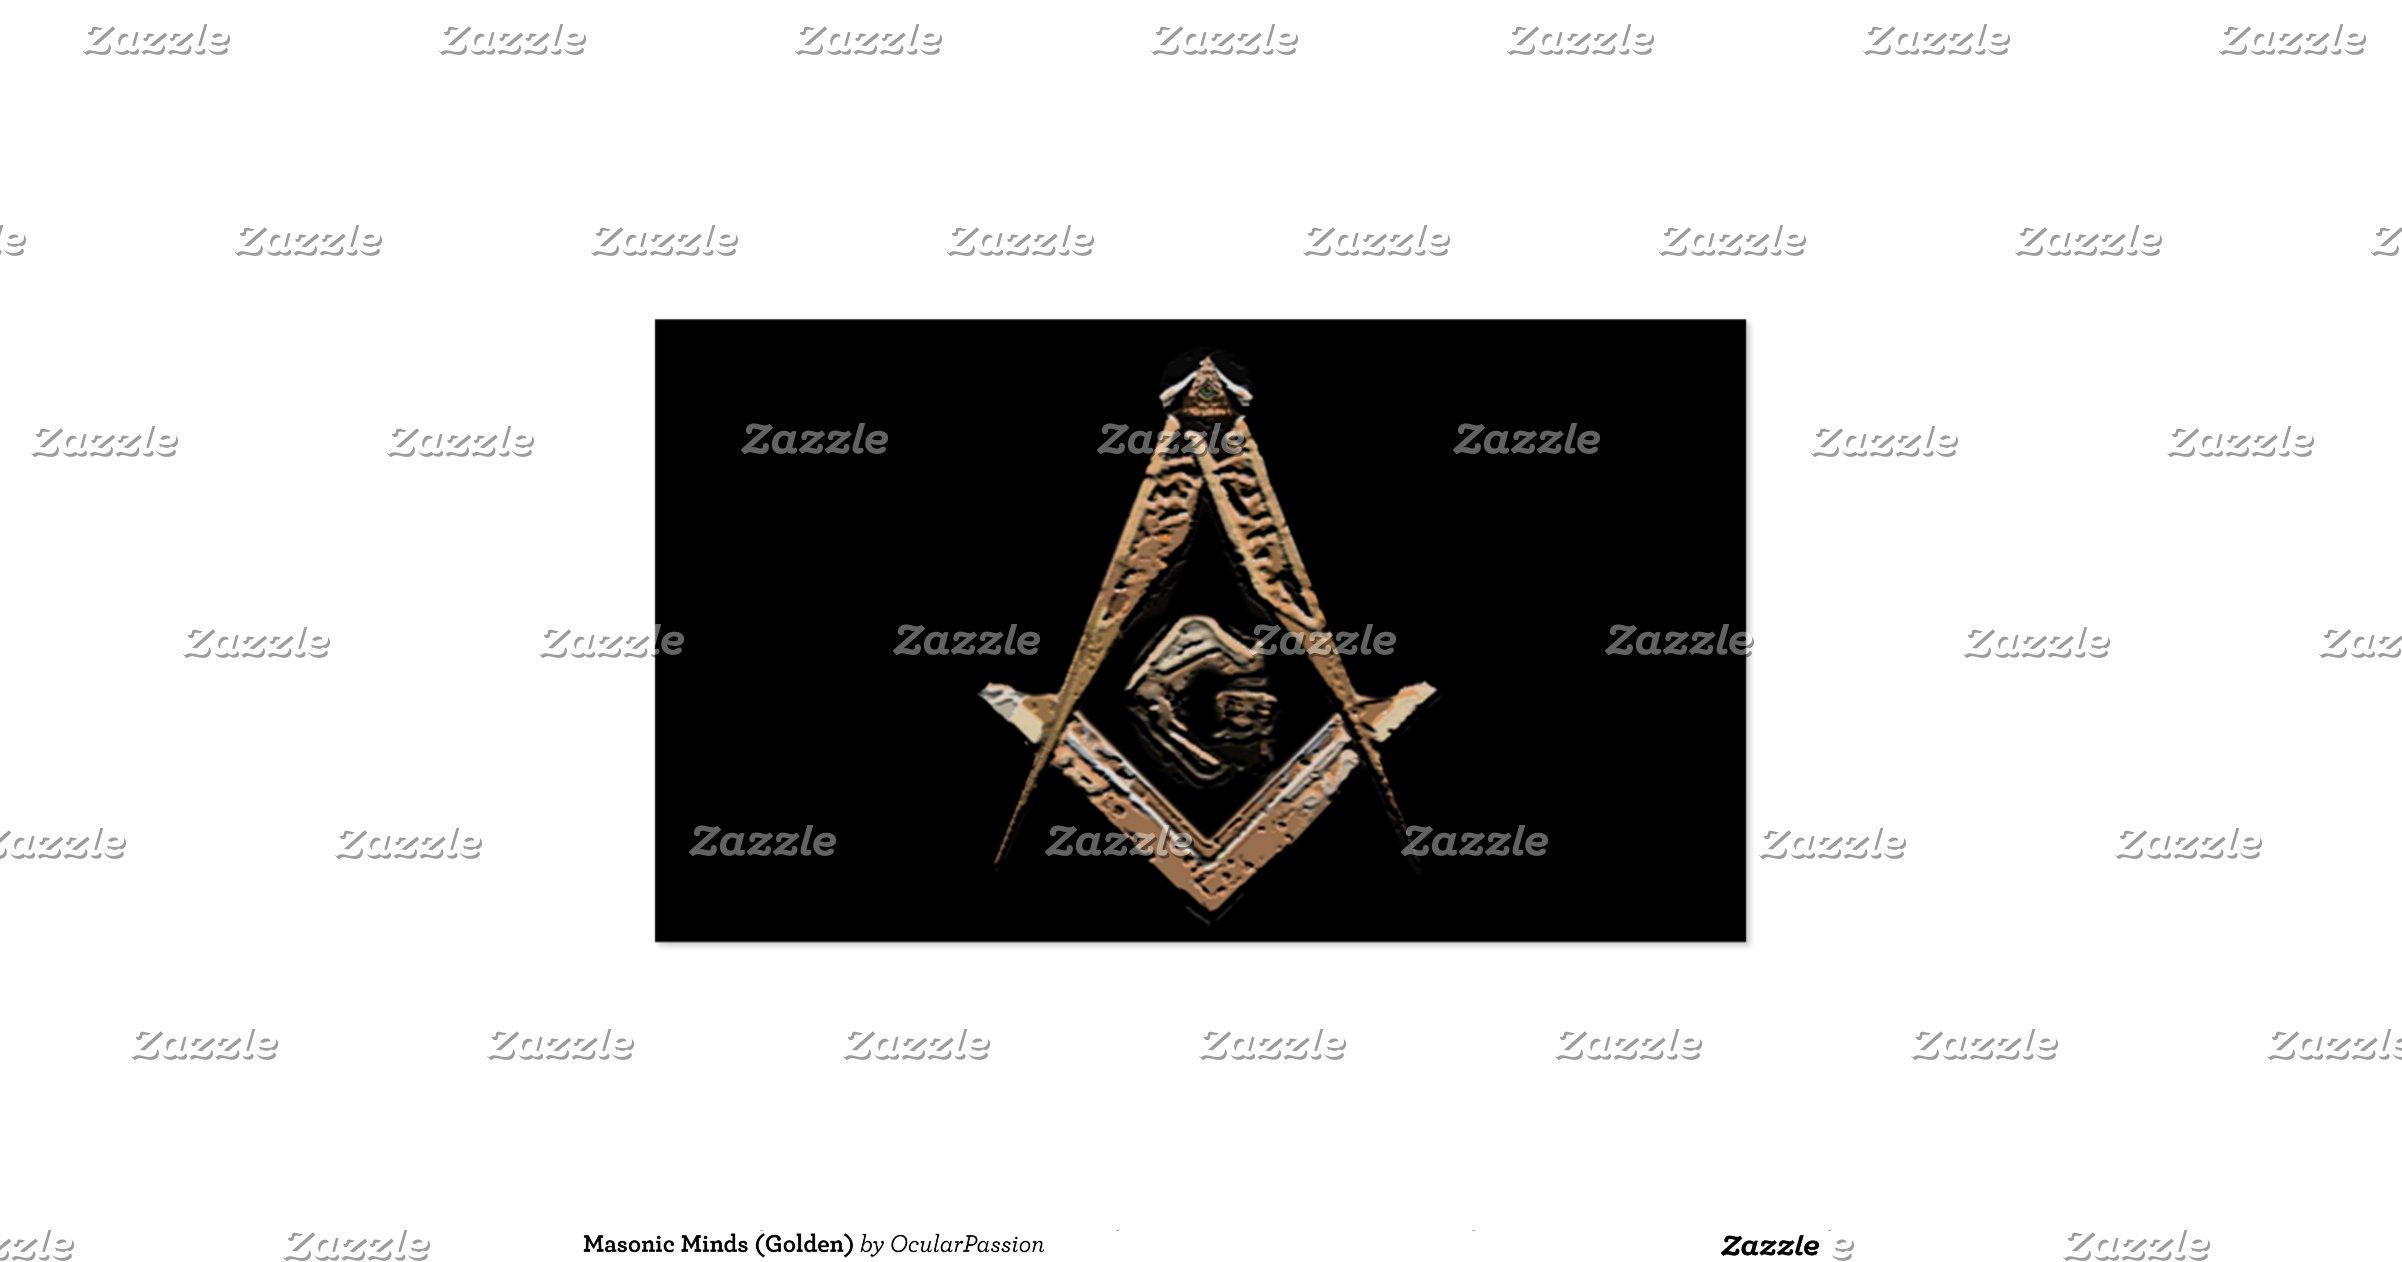 Masonic Minds Golden Pack Standard Business Cards